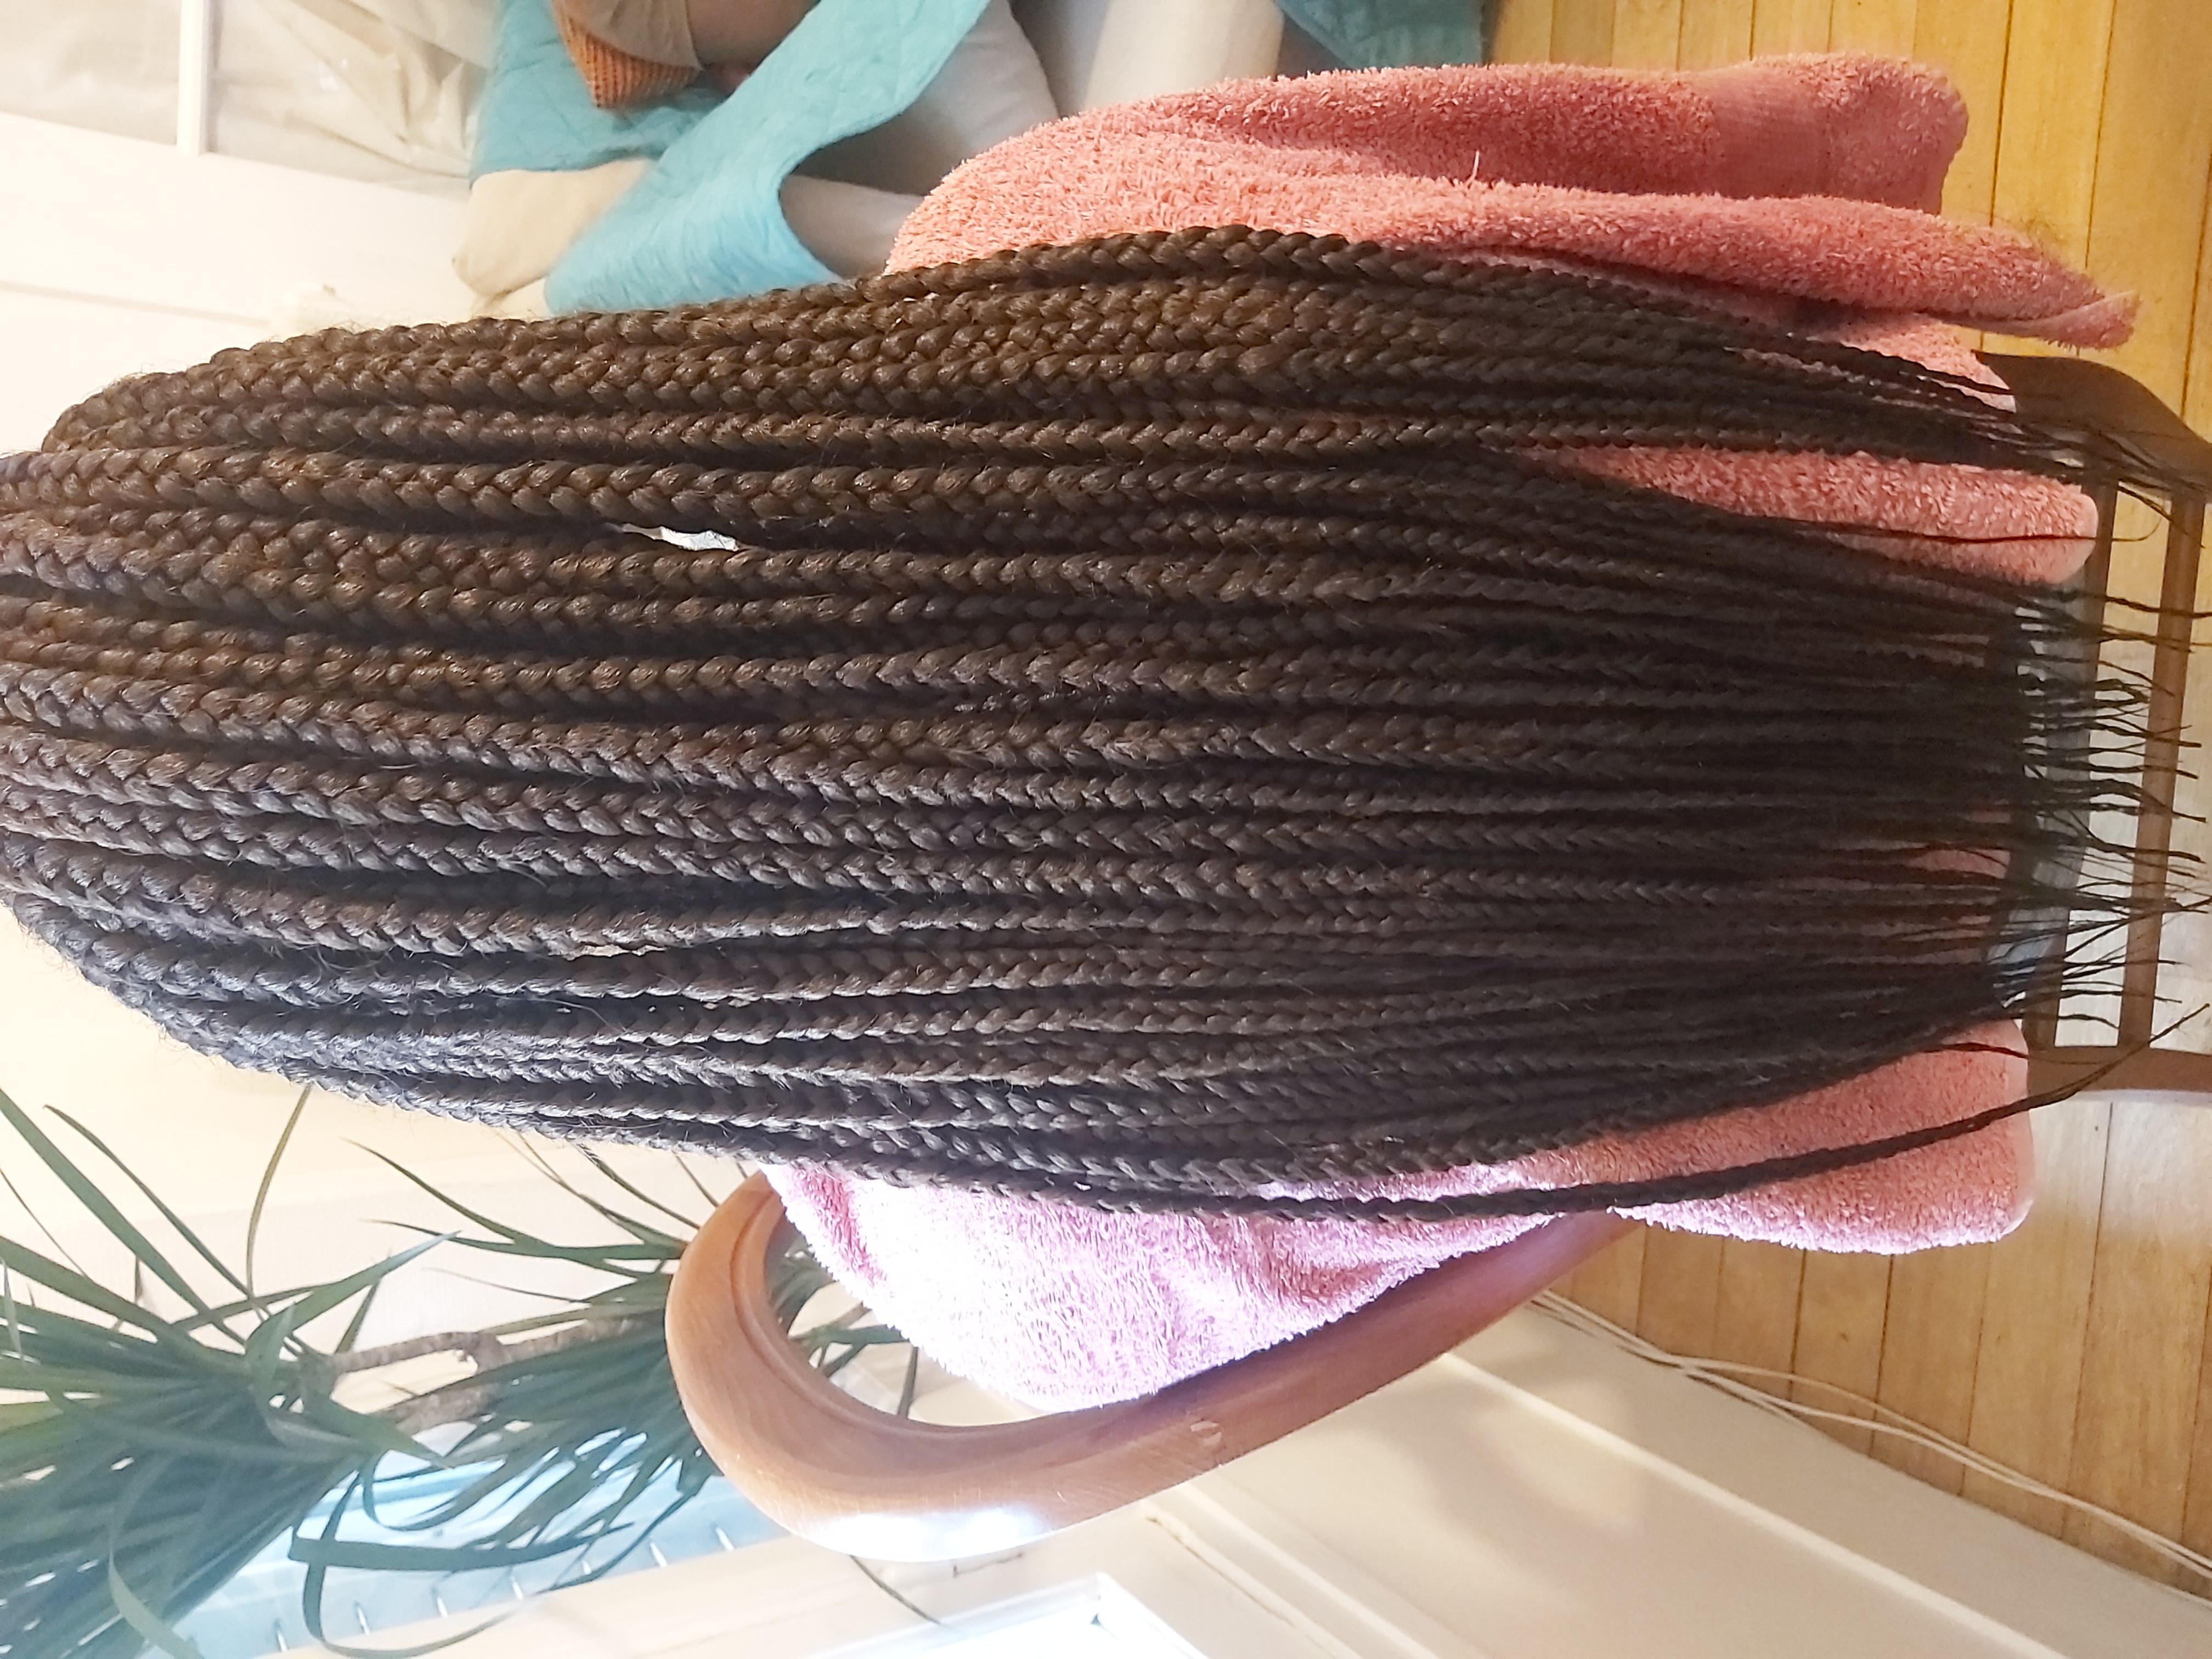 salon de coiffure afro tresse tresses box braids crochet braids vanilles tissages paris 75 77 78 91 92 93 94 95 WPGEIIKL